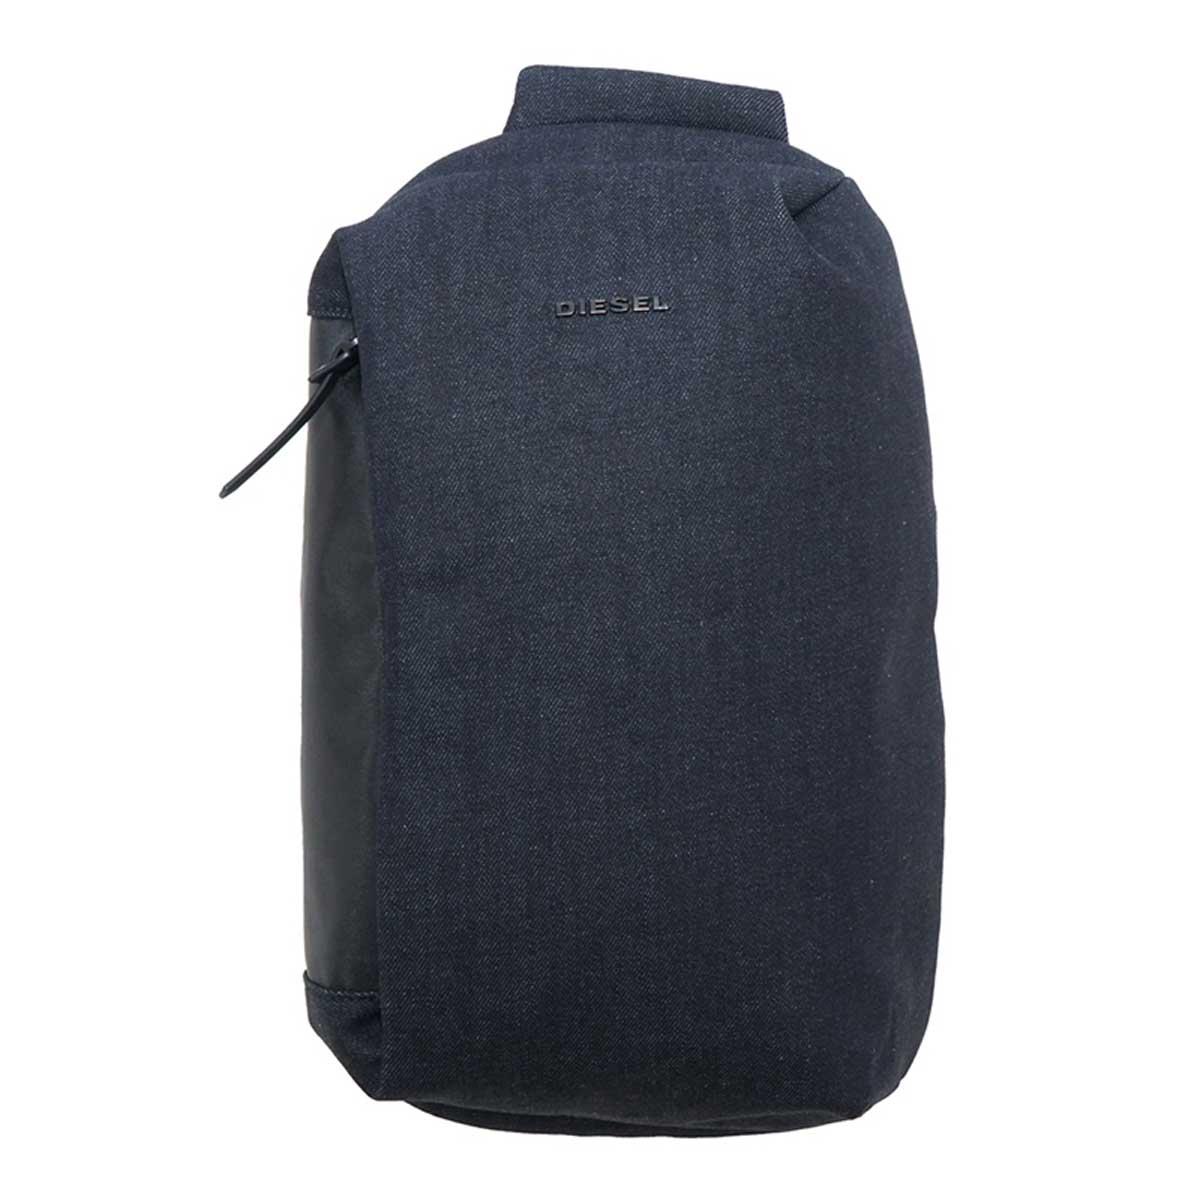 ディーゼル DIESEL バッグ X06607 PR413 H6488 D-SUBTORYAL DENIM MO ボディバッグ 斜めがけバッグ ショルダーバッグ BLUE JEANS デニムブルー